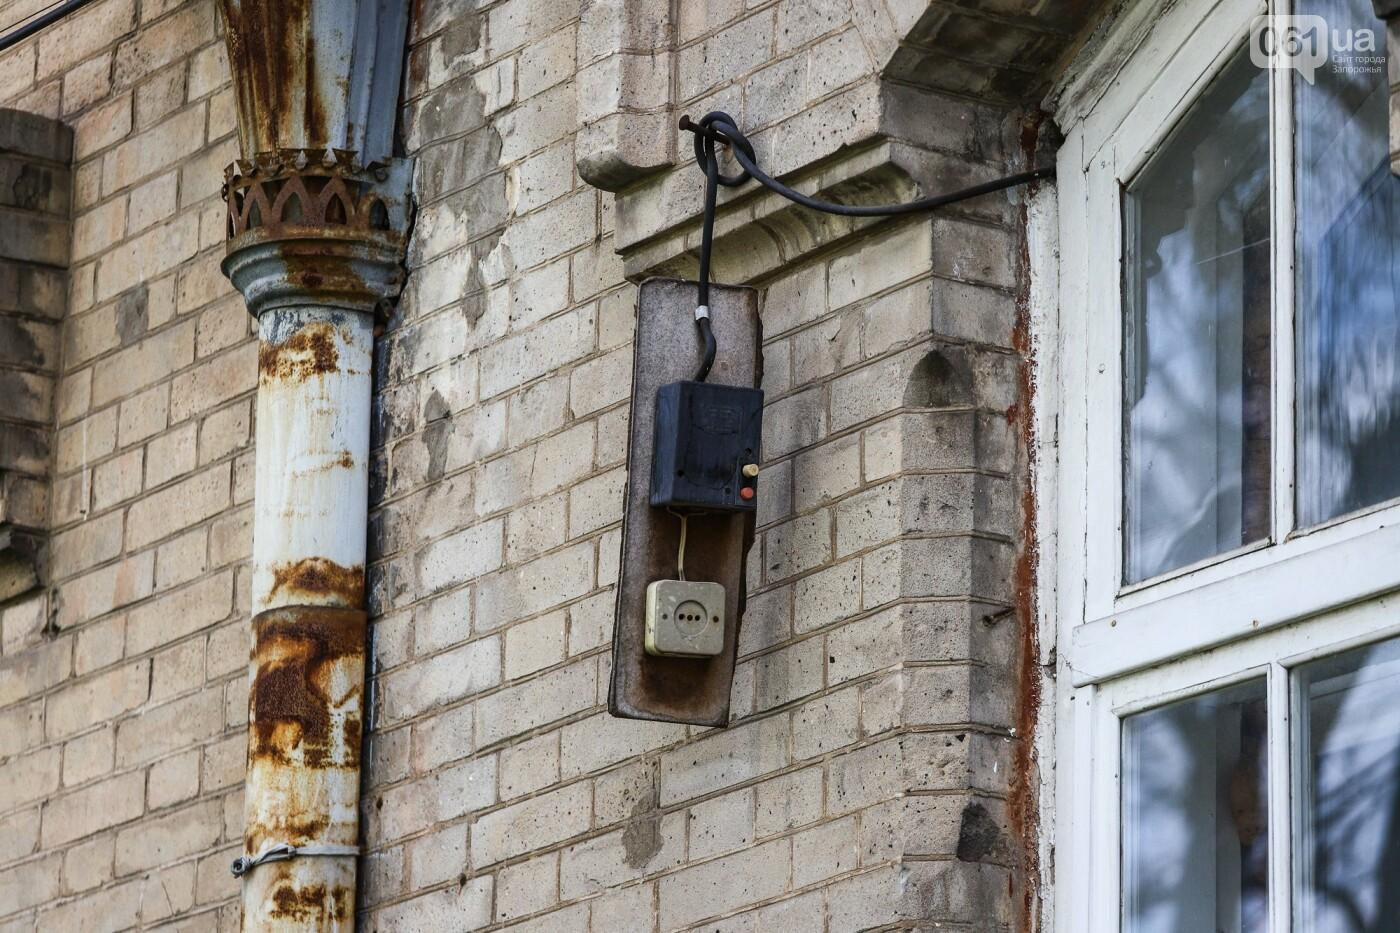 Памятники Старого Александровска: как сейчас выглядит здание первой в городе электростанции, - ФОТО, фото-13